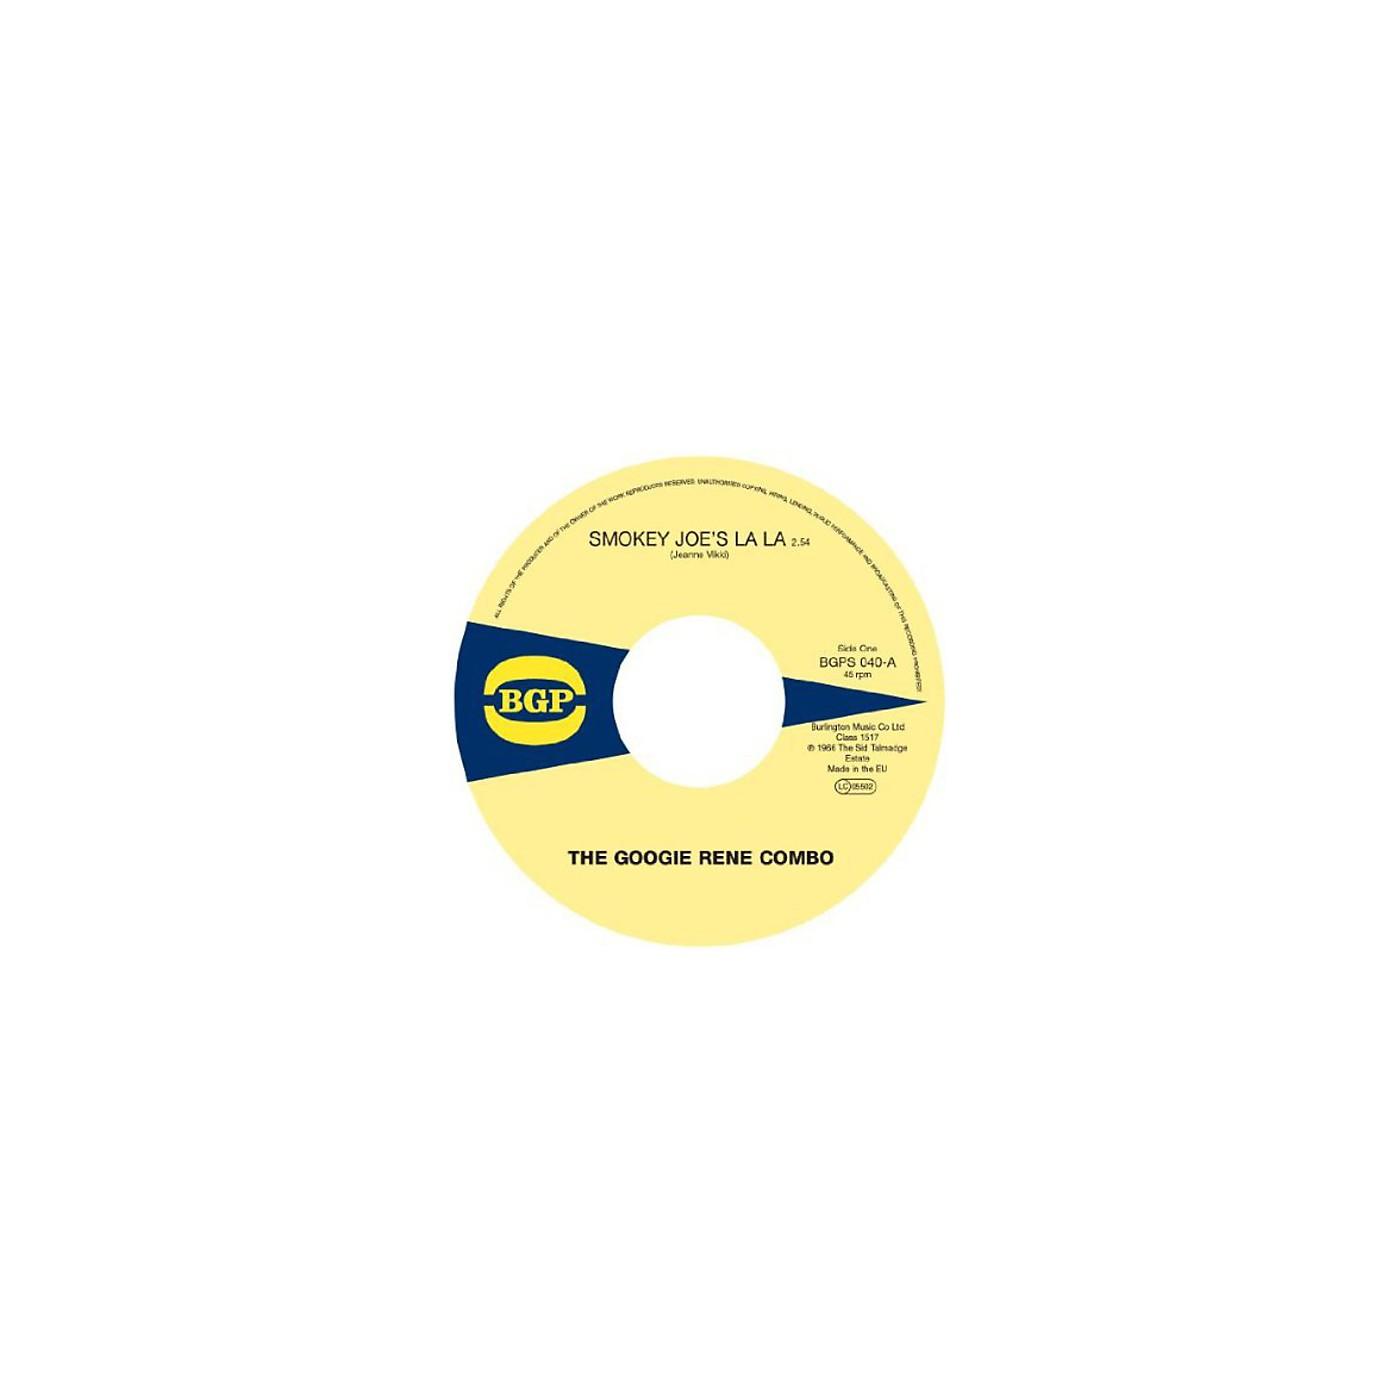 Alliance Googie Rene Combo - Smokey Joe's la la / Hot Barbeque thumbnail